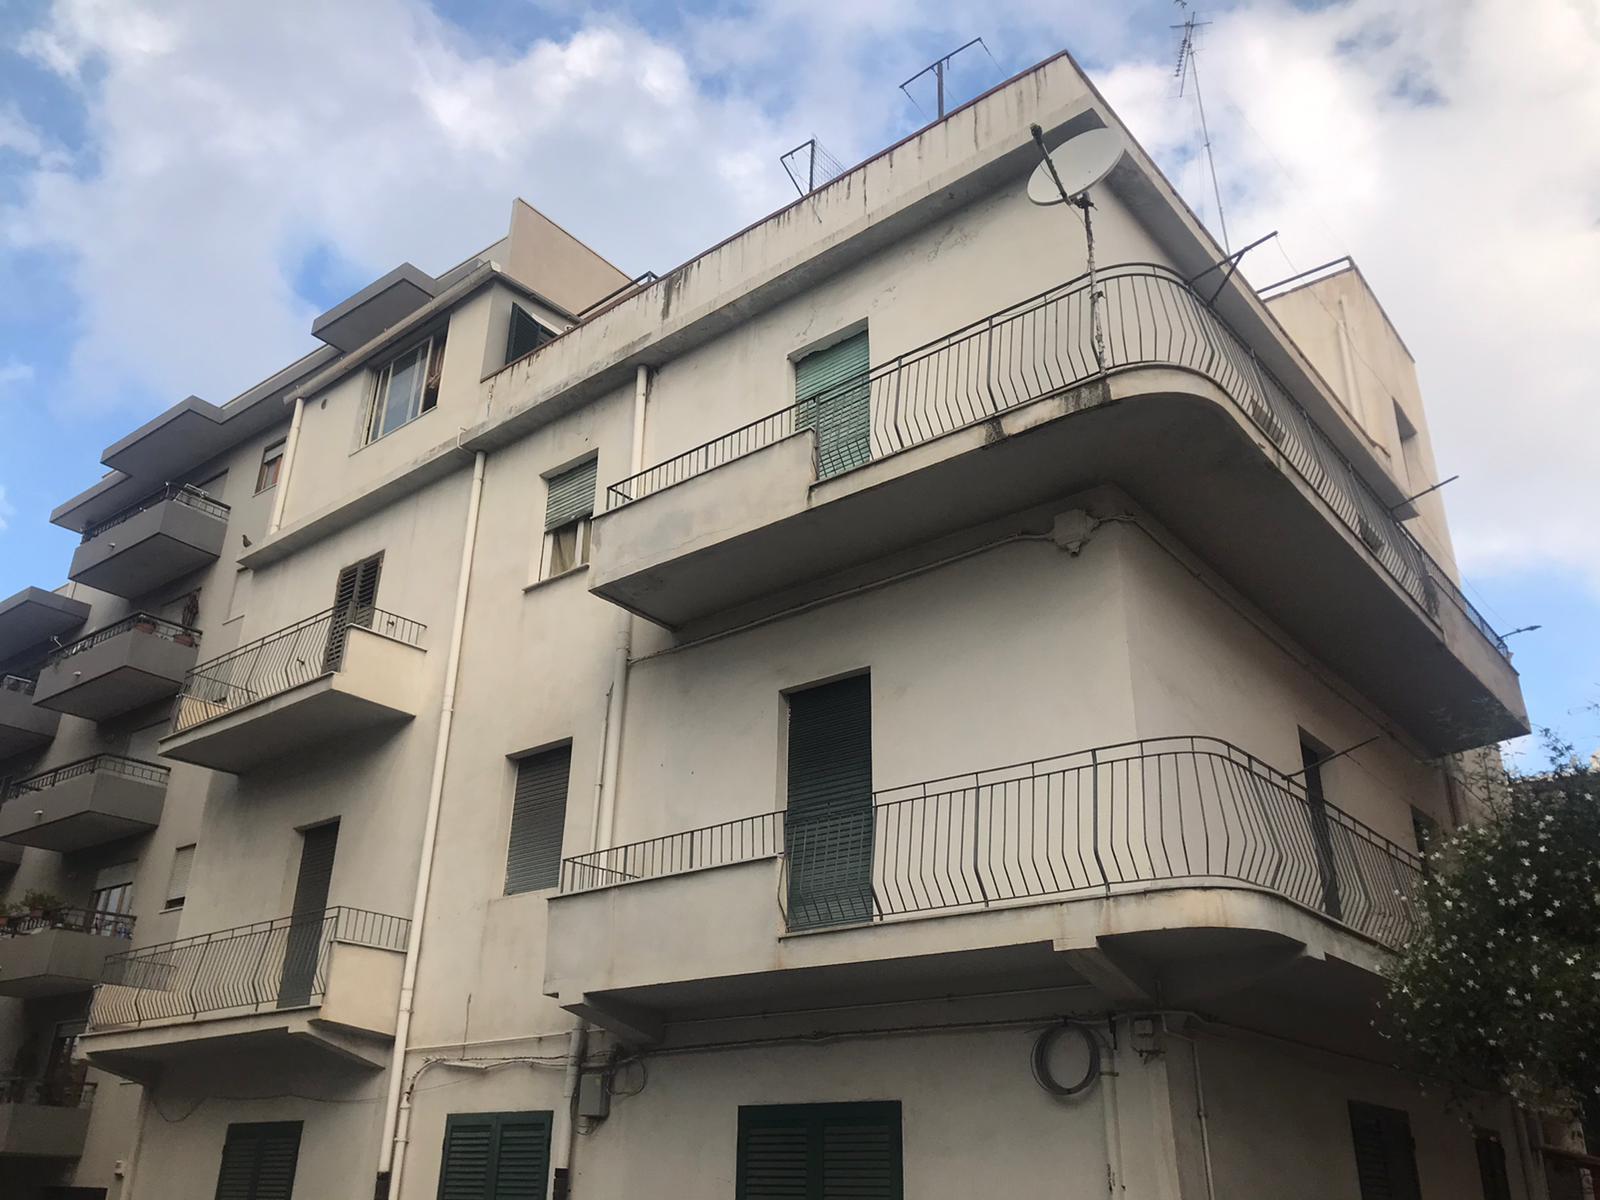 APPARTAMENTO in Affitto a Viale Calabria, Reggio Di Calabria (REGGIO CALABRIA)